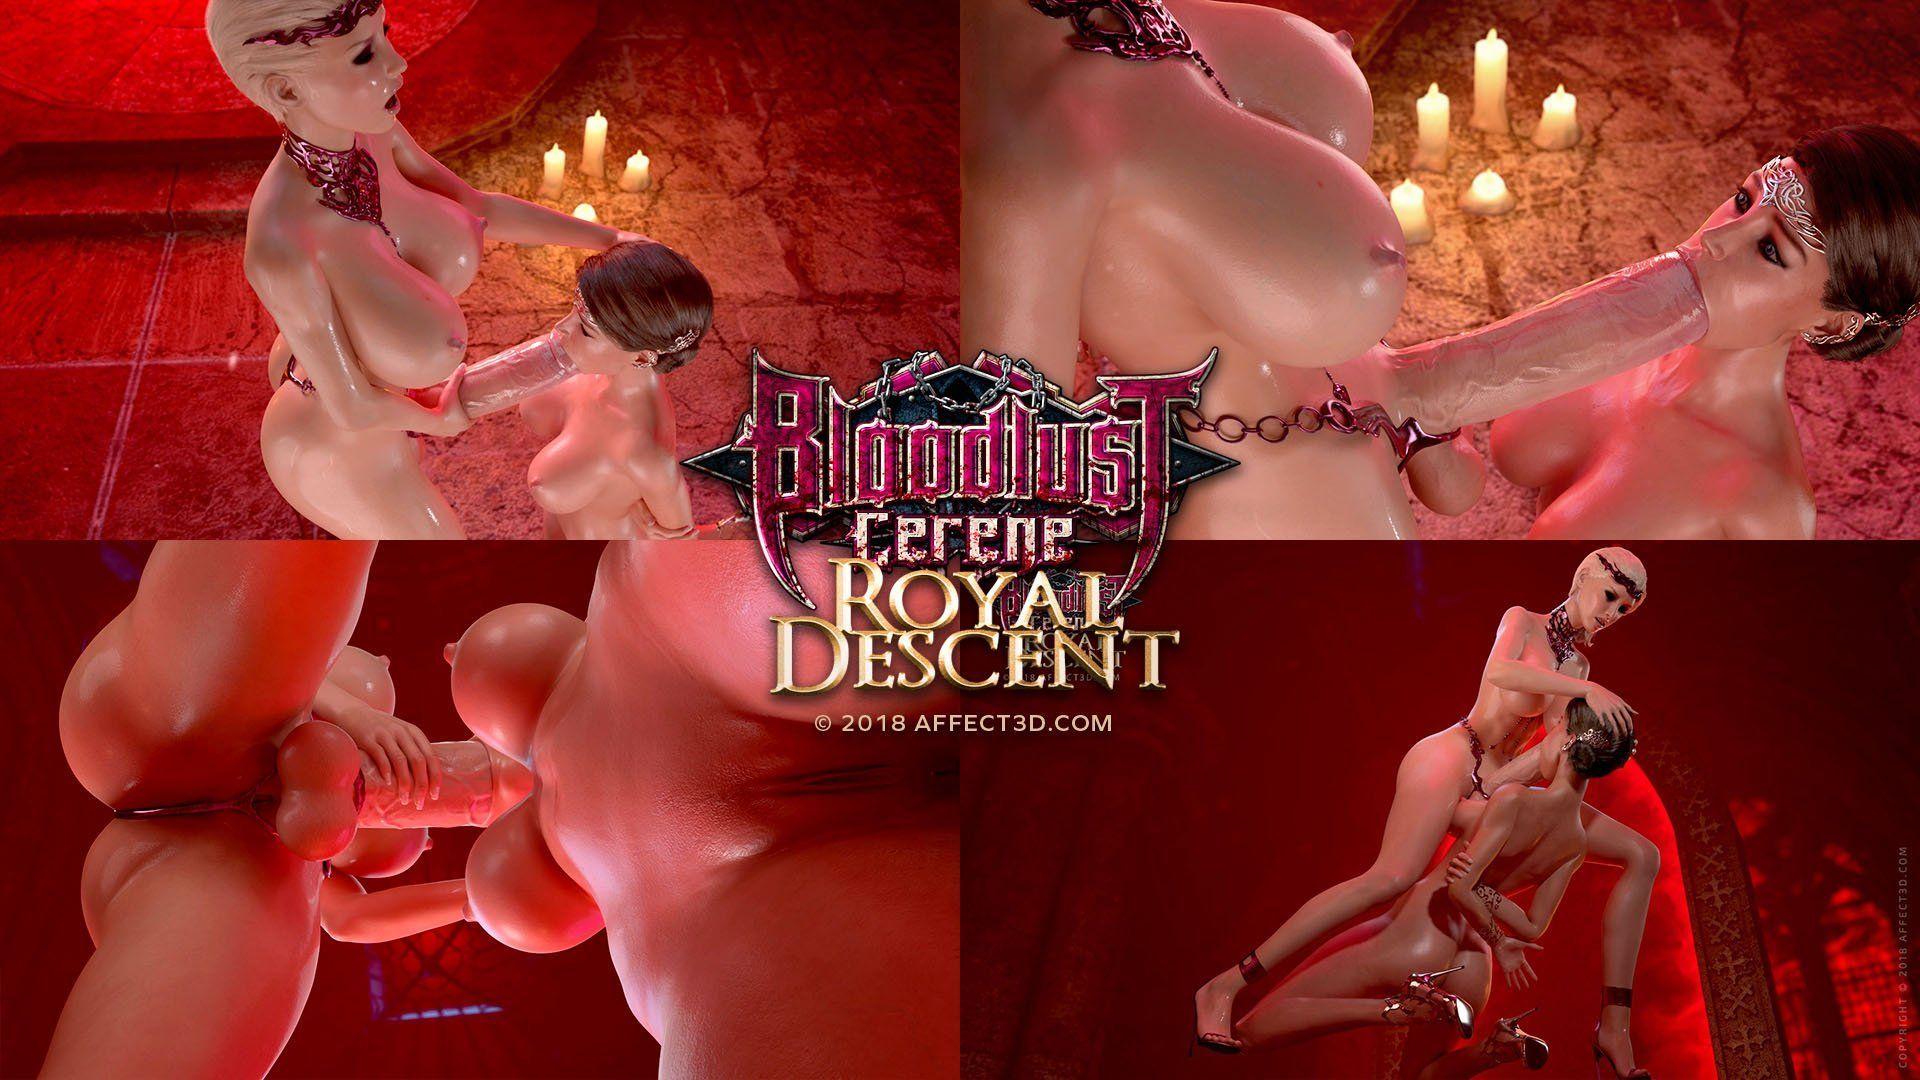 Bloodlust: Cerene - Royal Descent